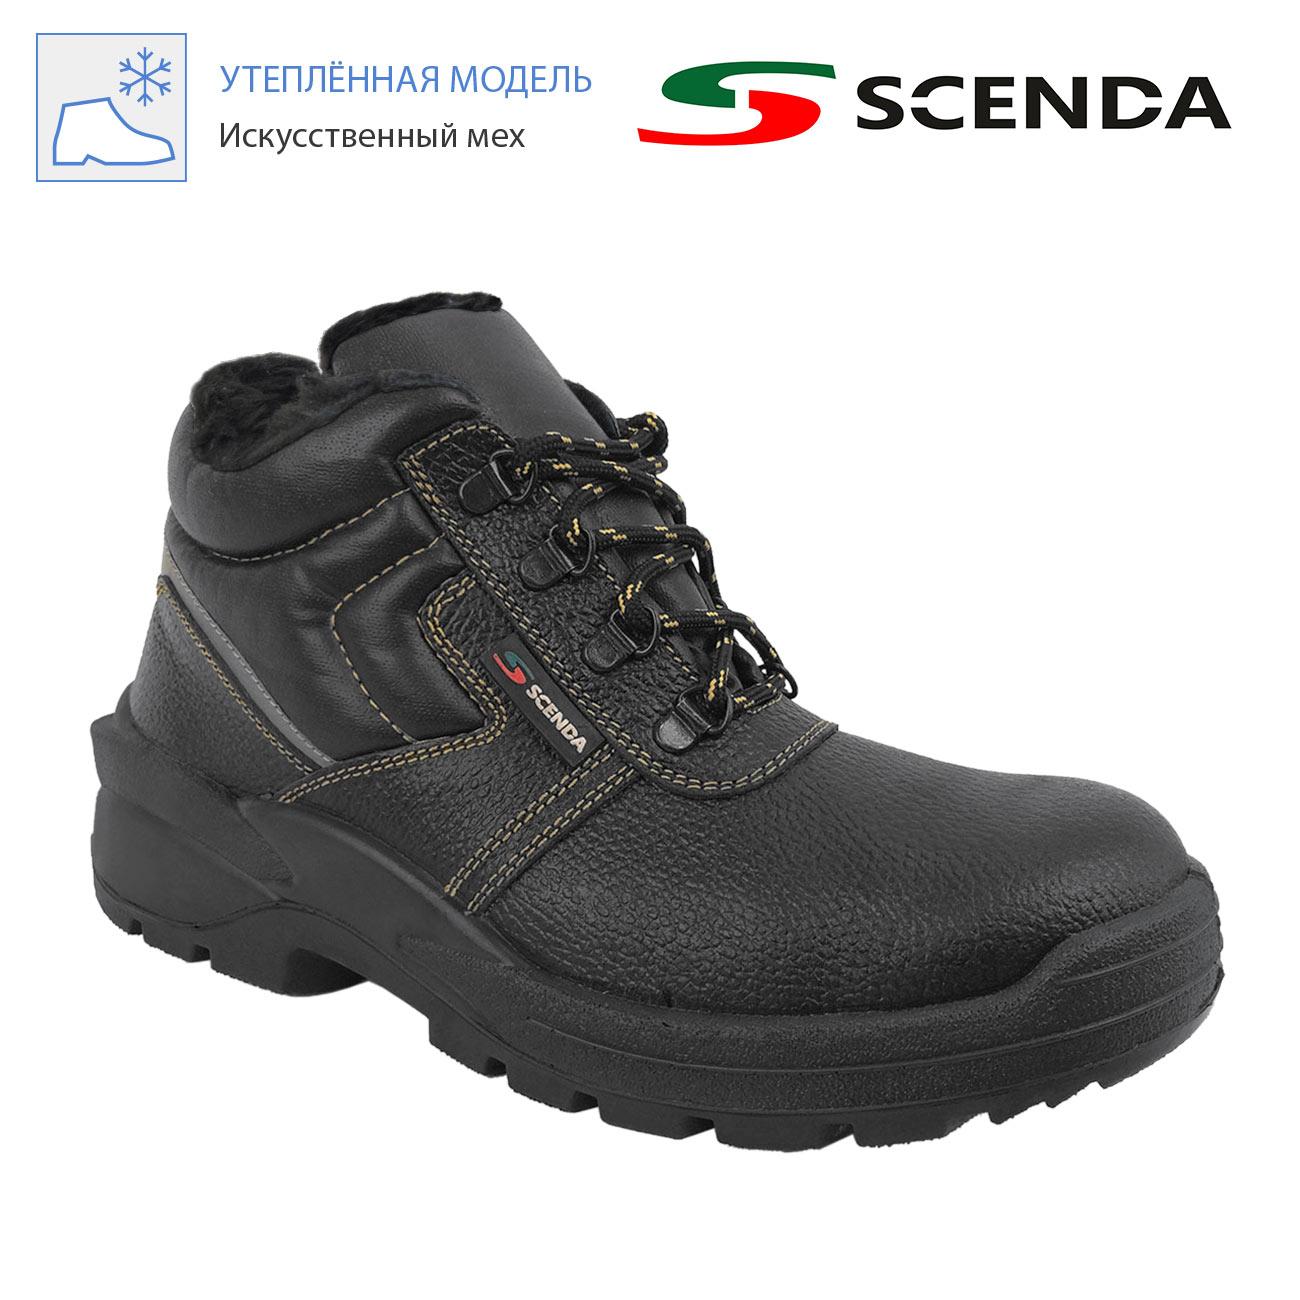 Ботинки кожаные утепленные PROFI BASIC 5841 O1 CI - артикул: 926110242